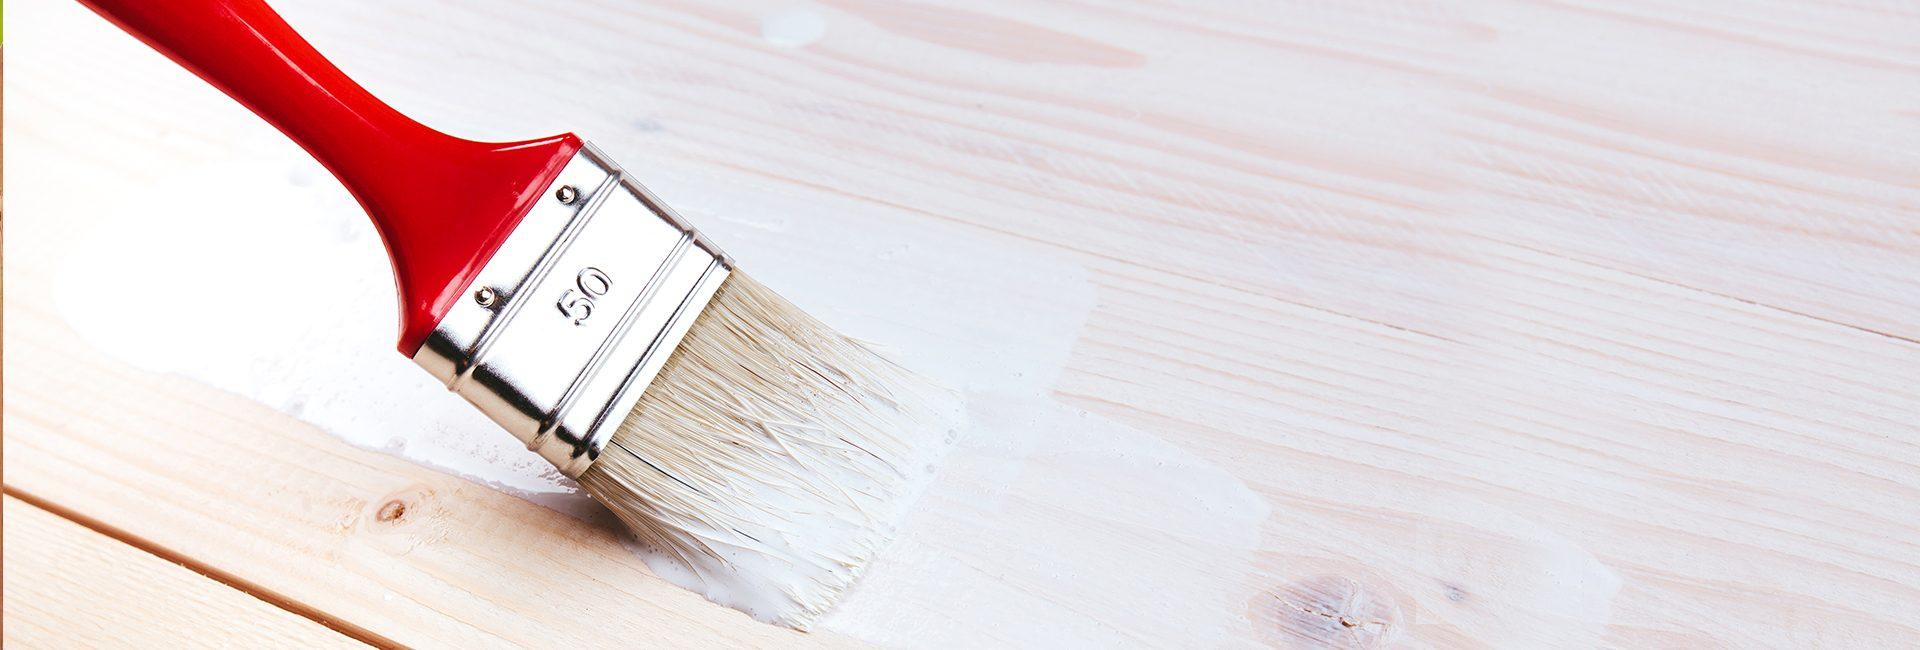 Malerwerkzeug